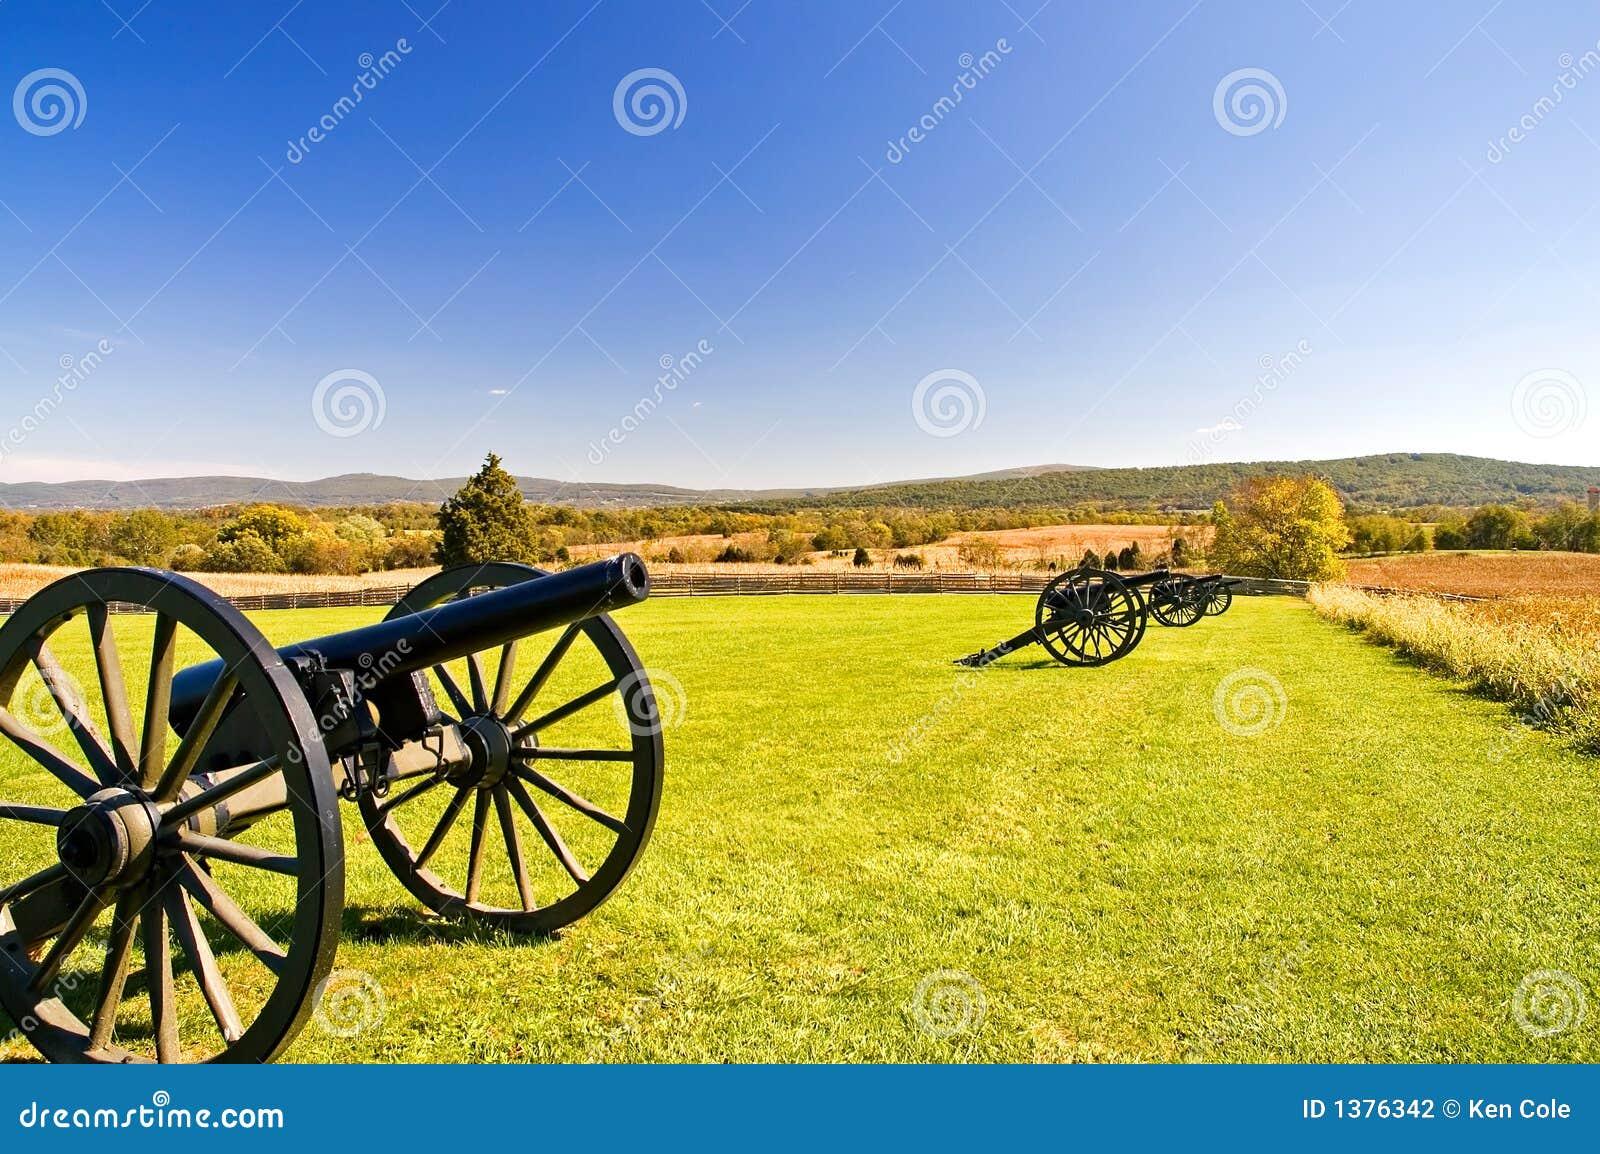 Canhões em Antietam - 3